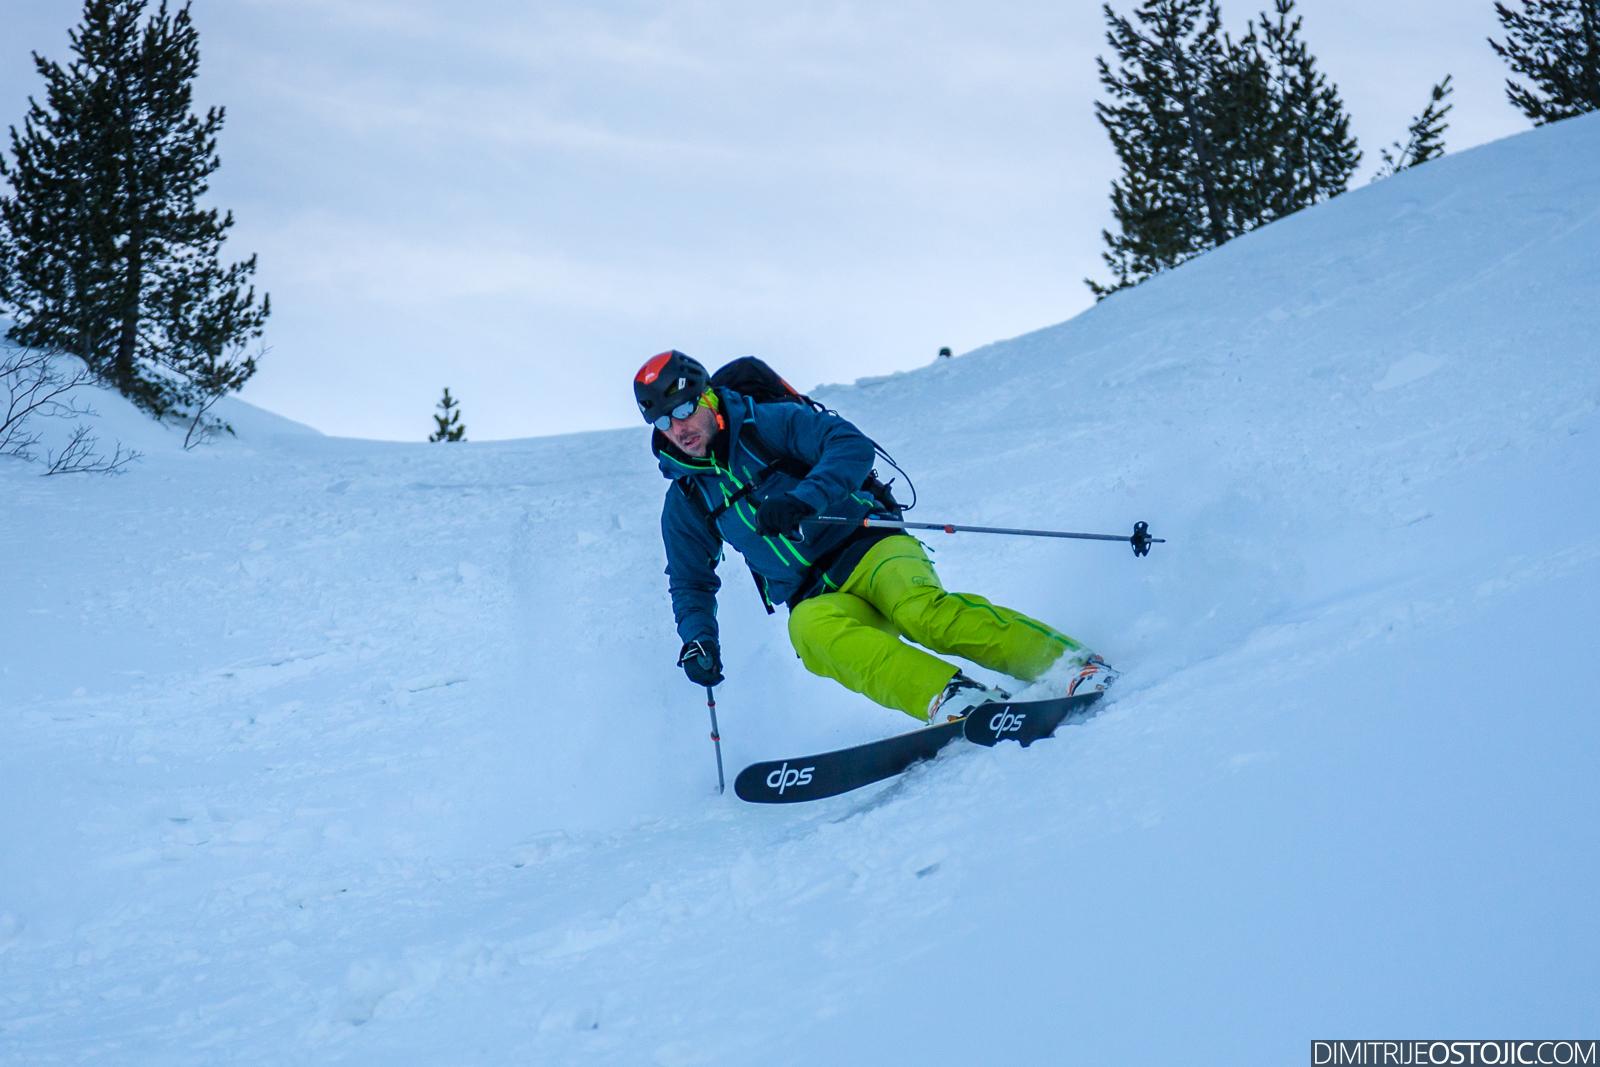 Shar mountain - Bistra summit © www.dimitrijeostojic.com